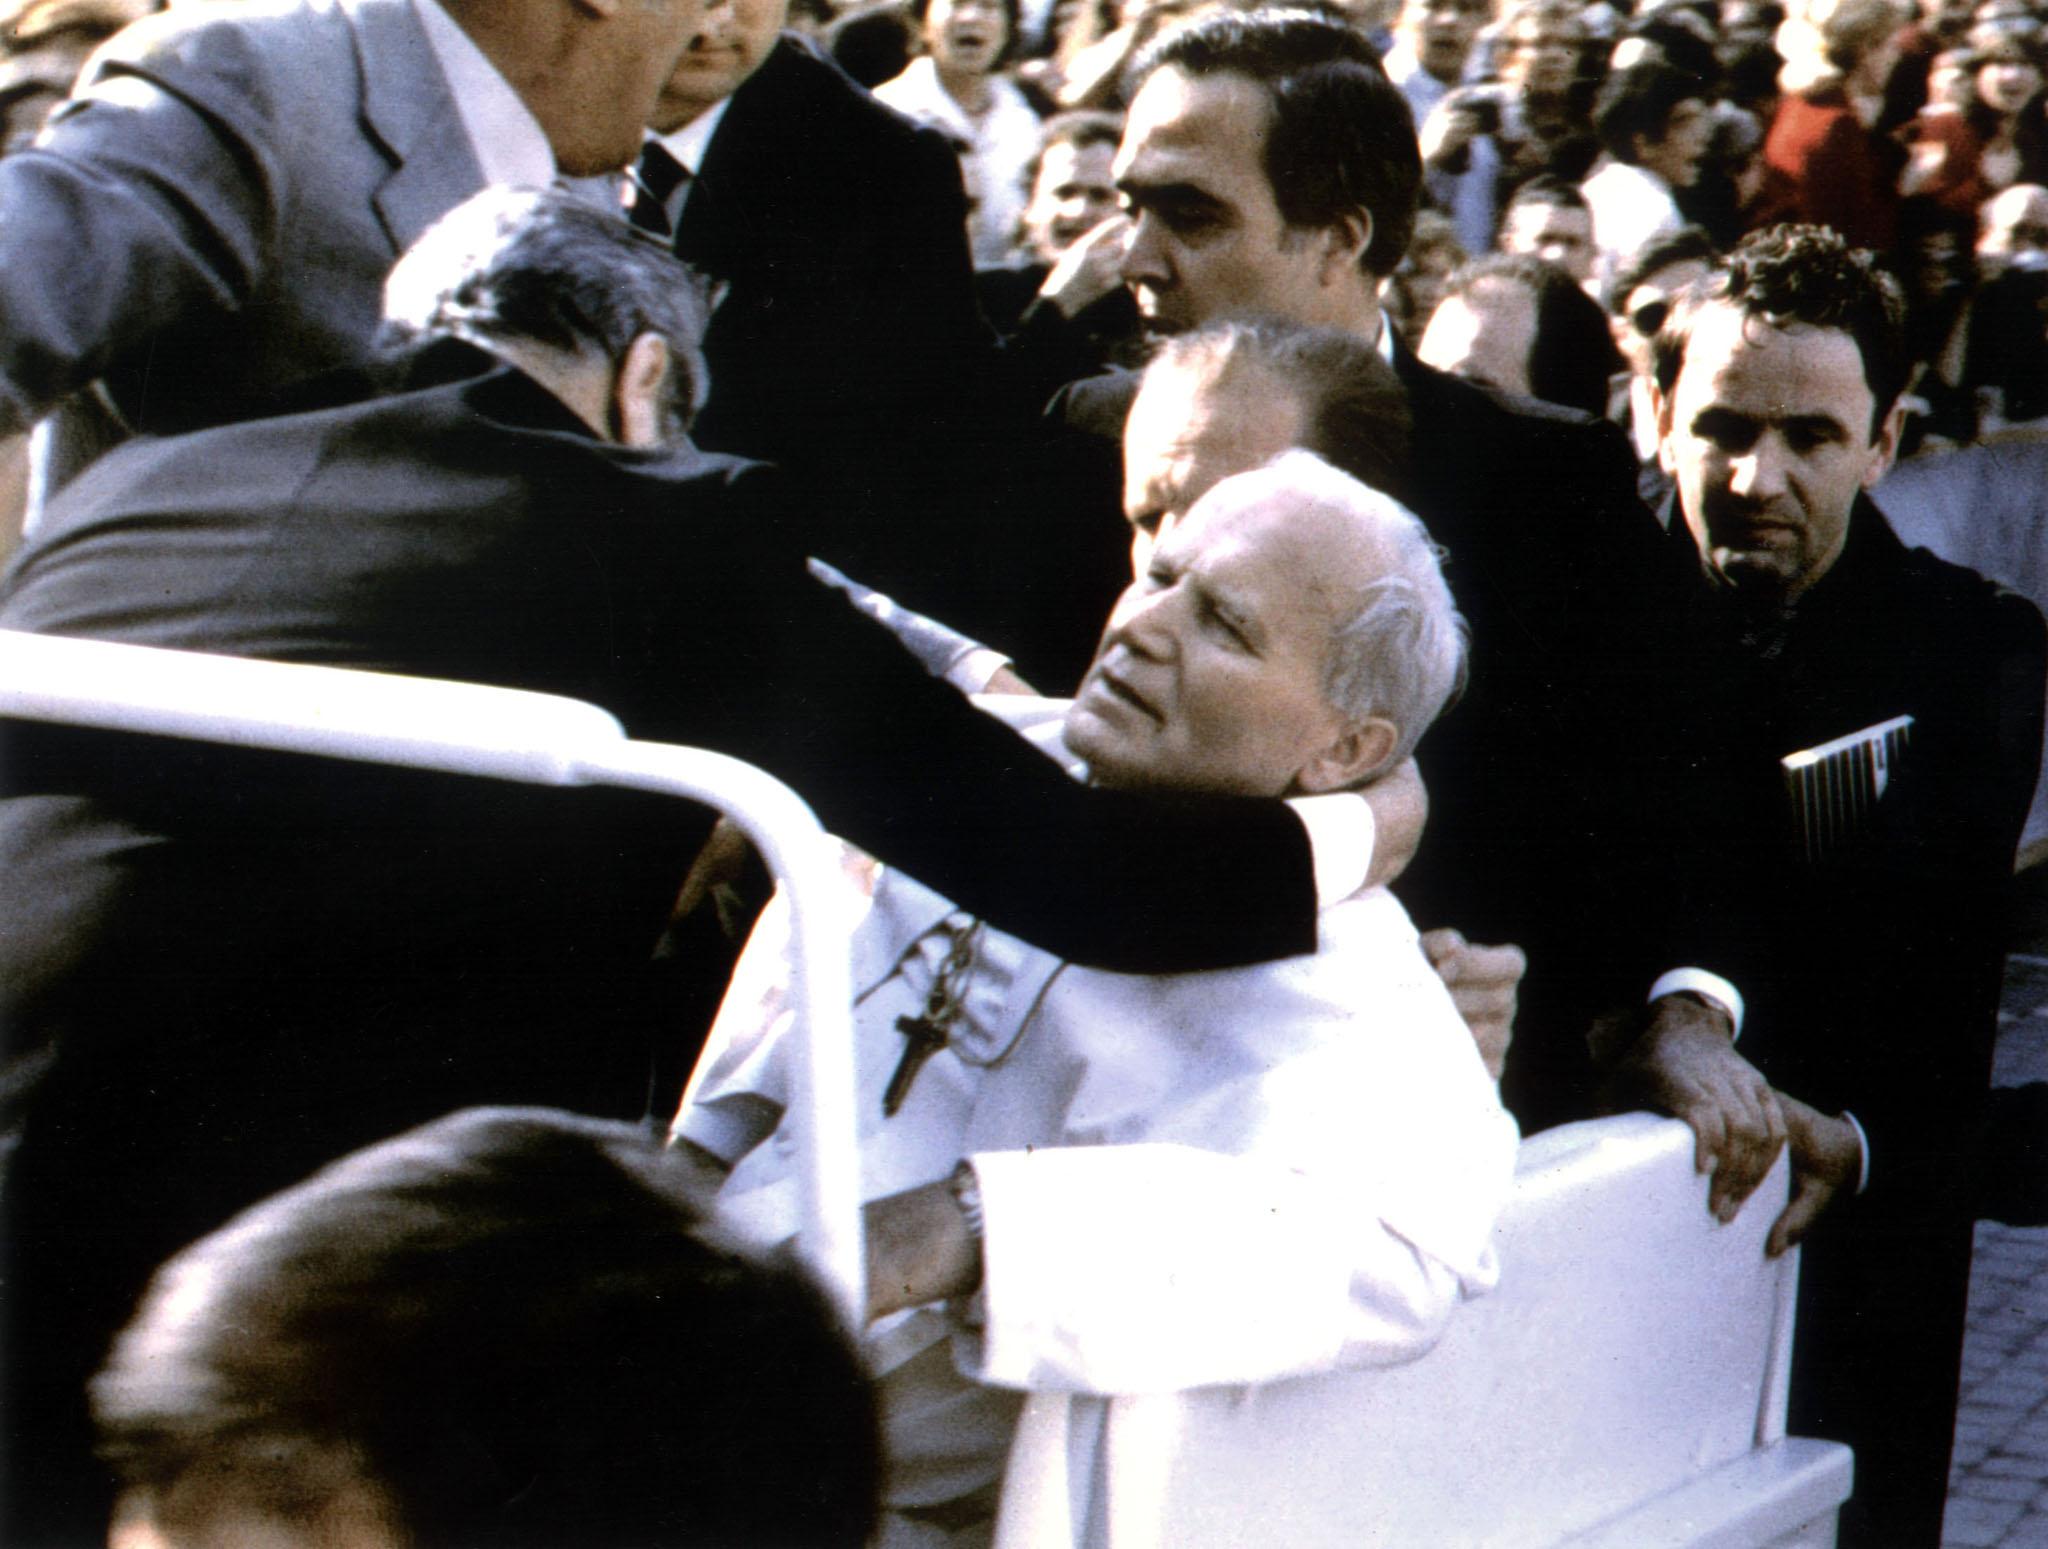 13 de mayo de 1981. Plaza de San Pedro. El Vaticano. Juan Pablo II saluda desde su papamóvil a la multitud. Camuflado en ella, Mehmet Ali Agca, ciudadano búlgaro, dispara en cuatro ocasiones contra el Papa. El atentado supone un antes y un después en el pontificado de Karol Wojtila. Agca fue indultado 19 años después. / REUTERS-CORDON PRESS